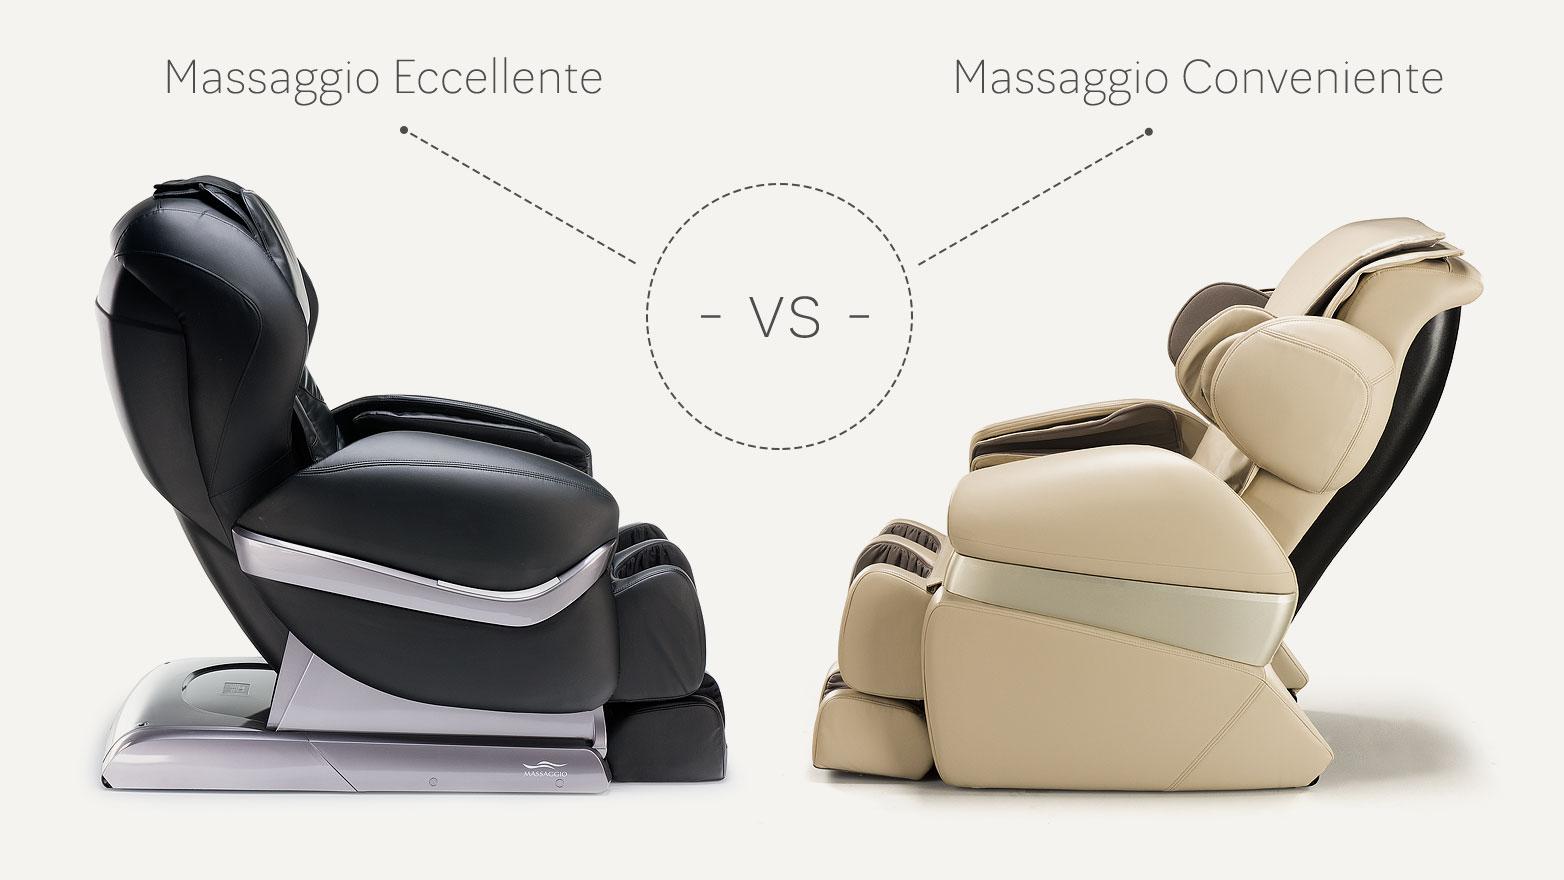 Massage armchair Massaggio Eccellente vs Conveniente